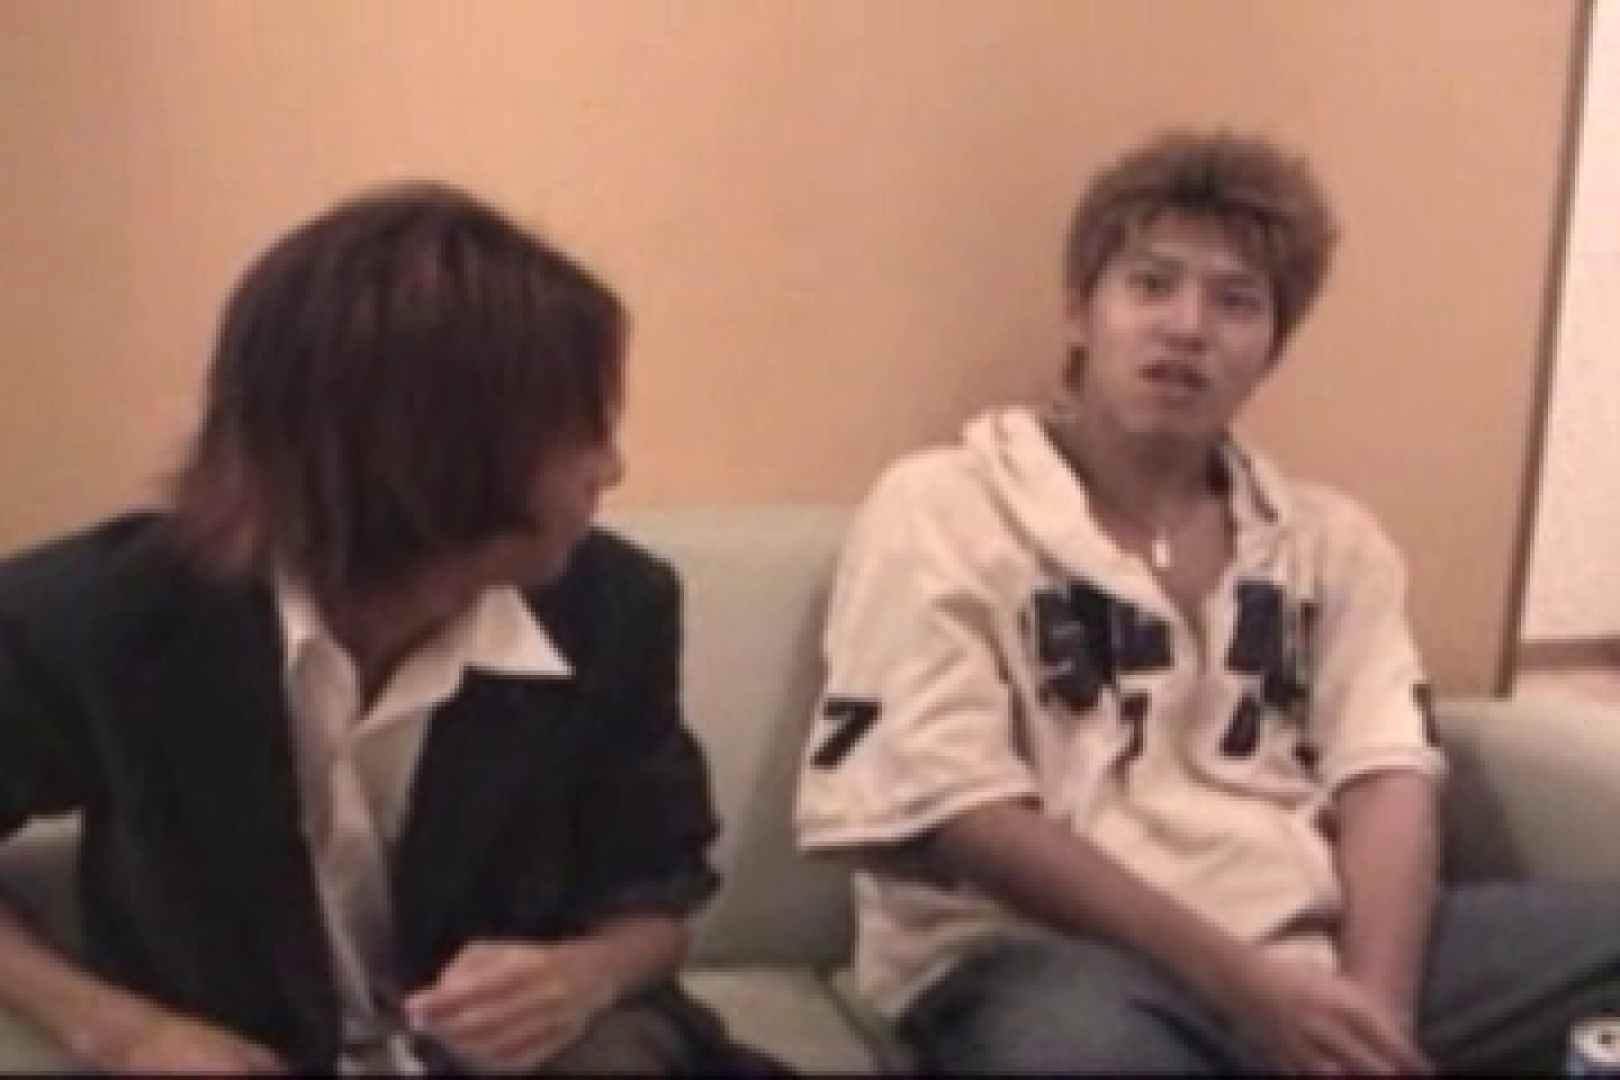 【流出】ジャニ系イケメン!!フライング&アナルが痛くて出来ません!! オナニー ゲイエロ画像 83枚 83